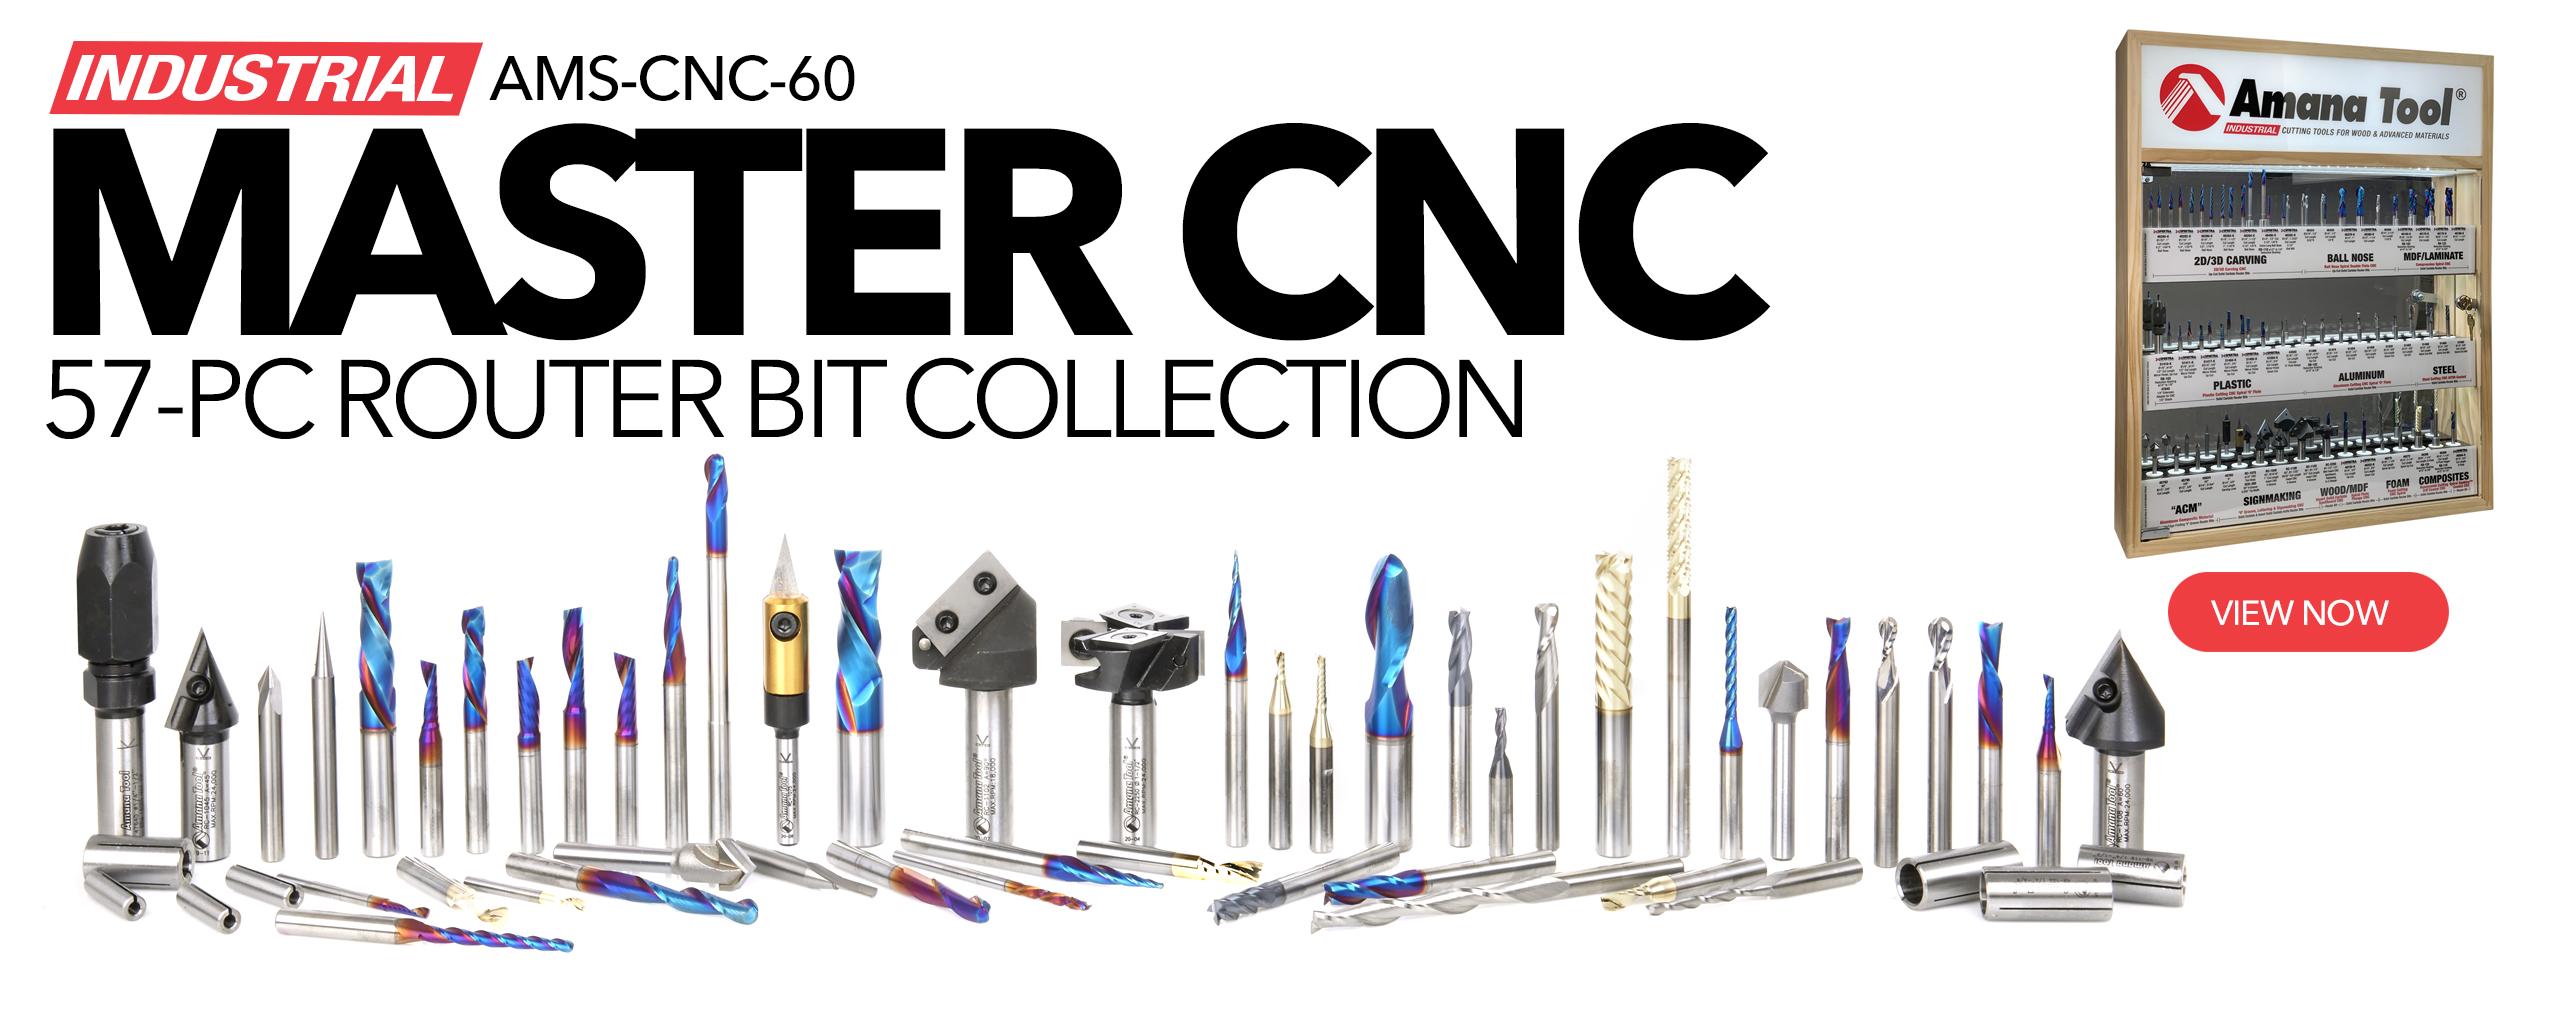 AMS-CNC-60 Master CNC Router Bit Collection, 60 PCS